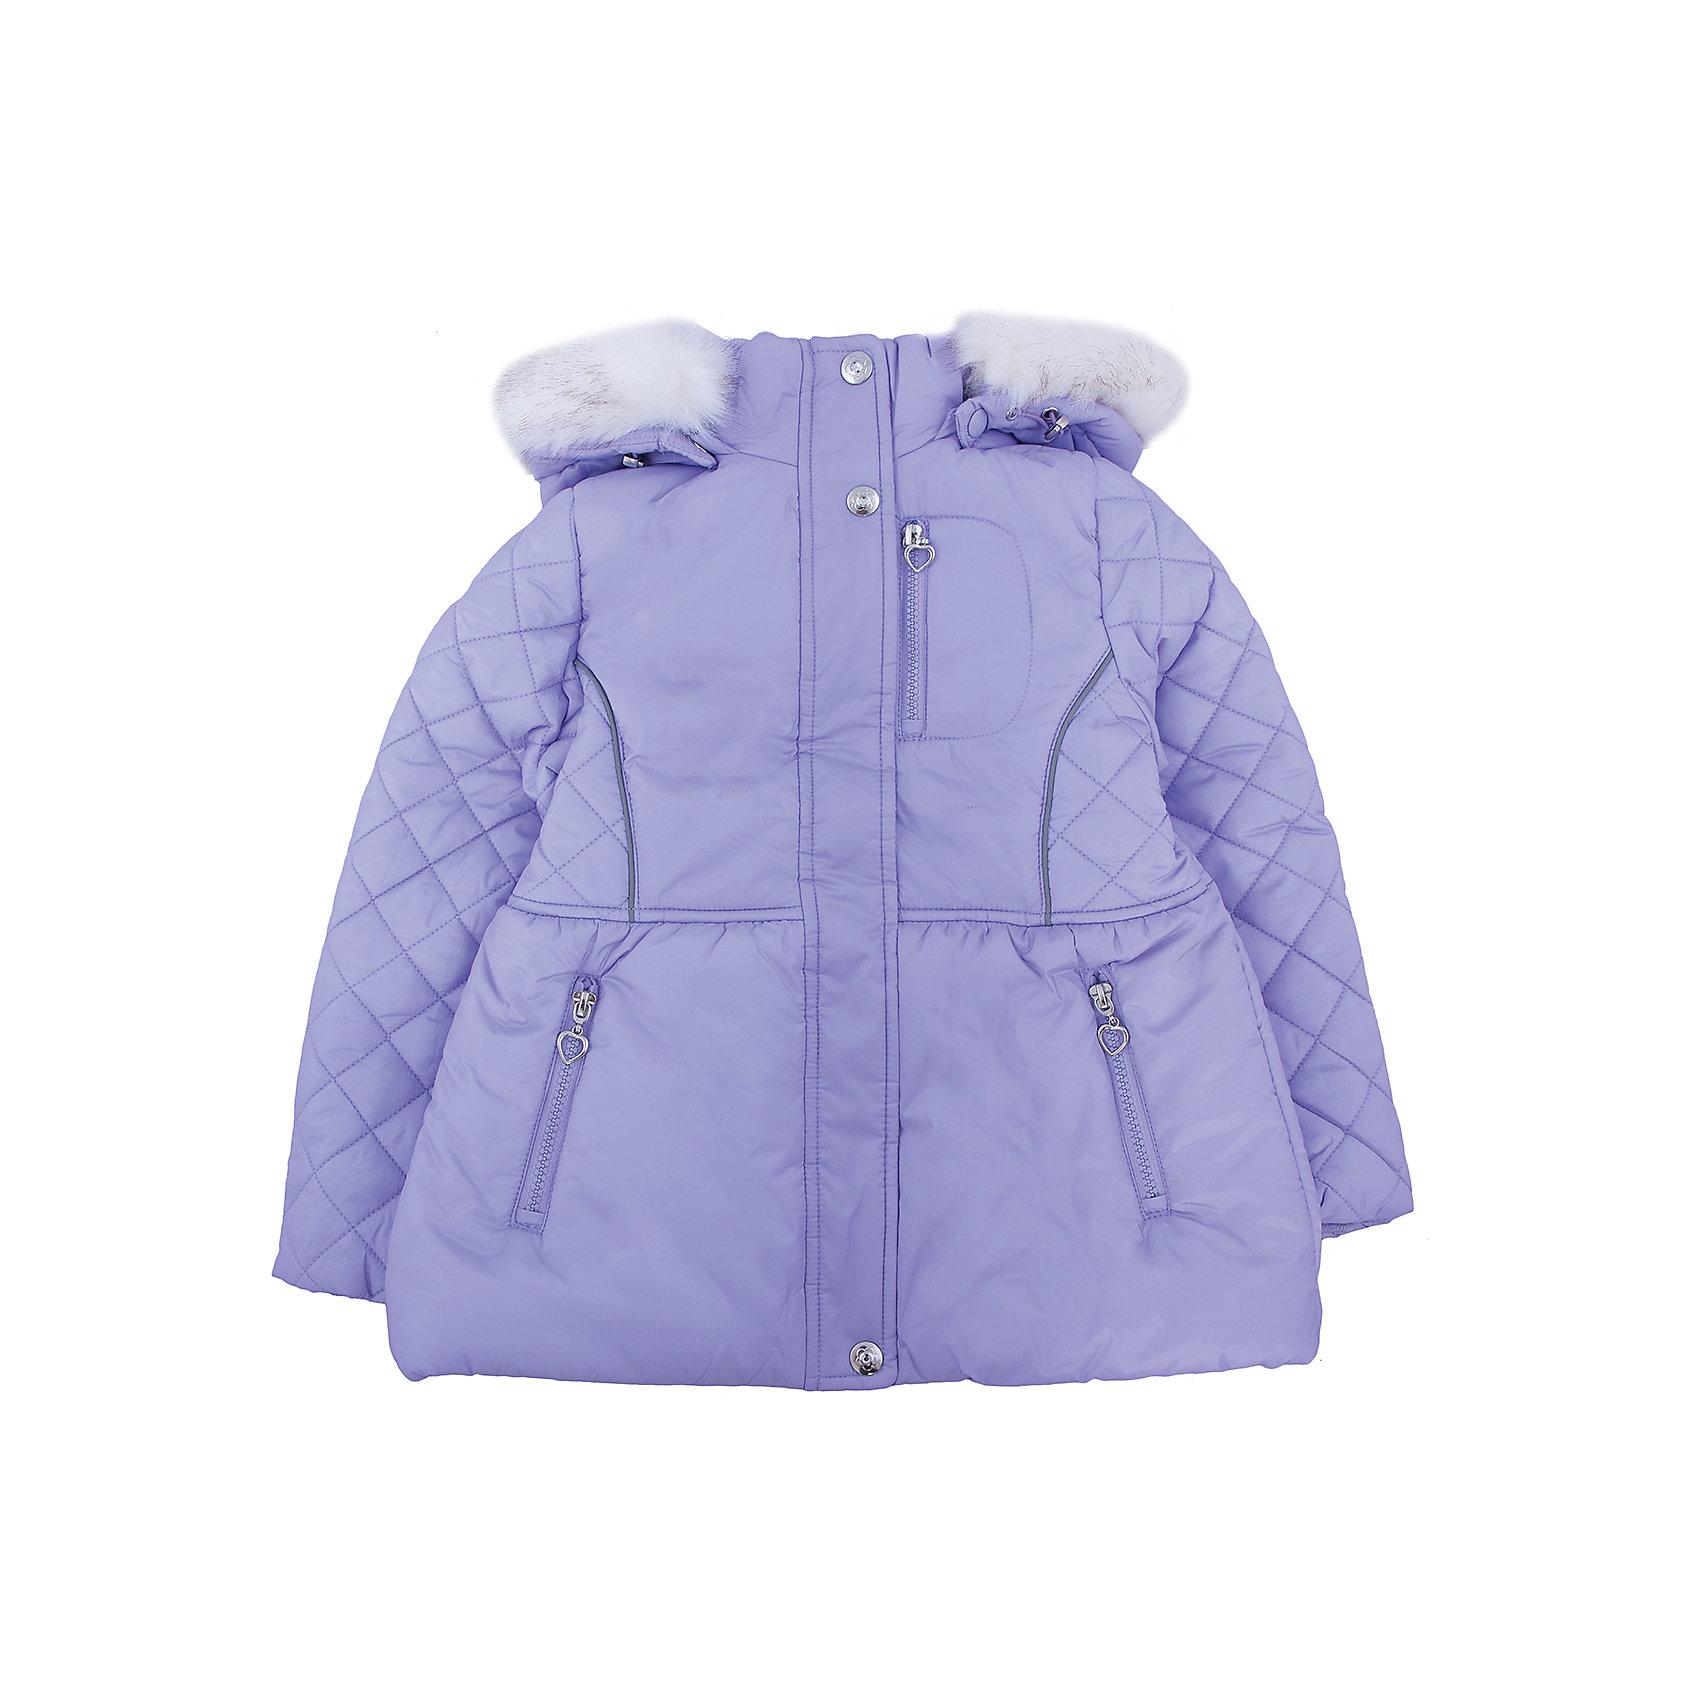 Куртка для девочки SELAВерхняя одежда<br>Детская одежда от SELA - это качественные модные вещи по привлекательным ценам. Данная модель относится к коллекции нового сезона, она учитывает последние тренды в моде, поэтому смотрится стильно, с ней можно создать множество ансамблей.<br>Курточка утеплена, она отлично подходит для межсезонья. Длина до середины бедра и полуприлегающий силуэт обеспечат ребенку тепло и удобство. Капюшон украшен опушкой. Изделие сшито из тщательно подобранных материалов, абсолютно безопасных для ребенка.<br><br>Дополнительная информация:<br><br>цвет: фиолетовый;<br>состав: 100% ПЭ;<br>температурный режим: от - 5°С до + 10°С;<br>застежка: молния, кнопки;<br>длина: до середины бедра;<br>карманы на молнии;<br>капюшон с опушкой.<br><br>Куртку для девочки от компании SELA можно купить в нашем магазине.<br><br>Ширина мм: 356<br>Глубина мм: 10<br>Высота мм: 245<br>Вес г: 519<br>Цвет: лиловый<br>Возраст от месяцев: 48<br>Возраст до месяцев: 60<br>Пол: Женский<br>Возраст: Детский<br>Размер: 110,104,116,98<br>SKU: 4912969